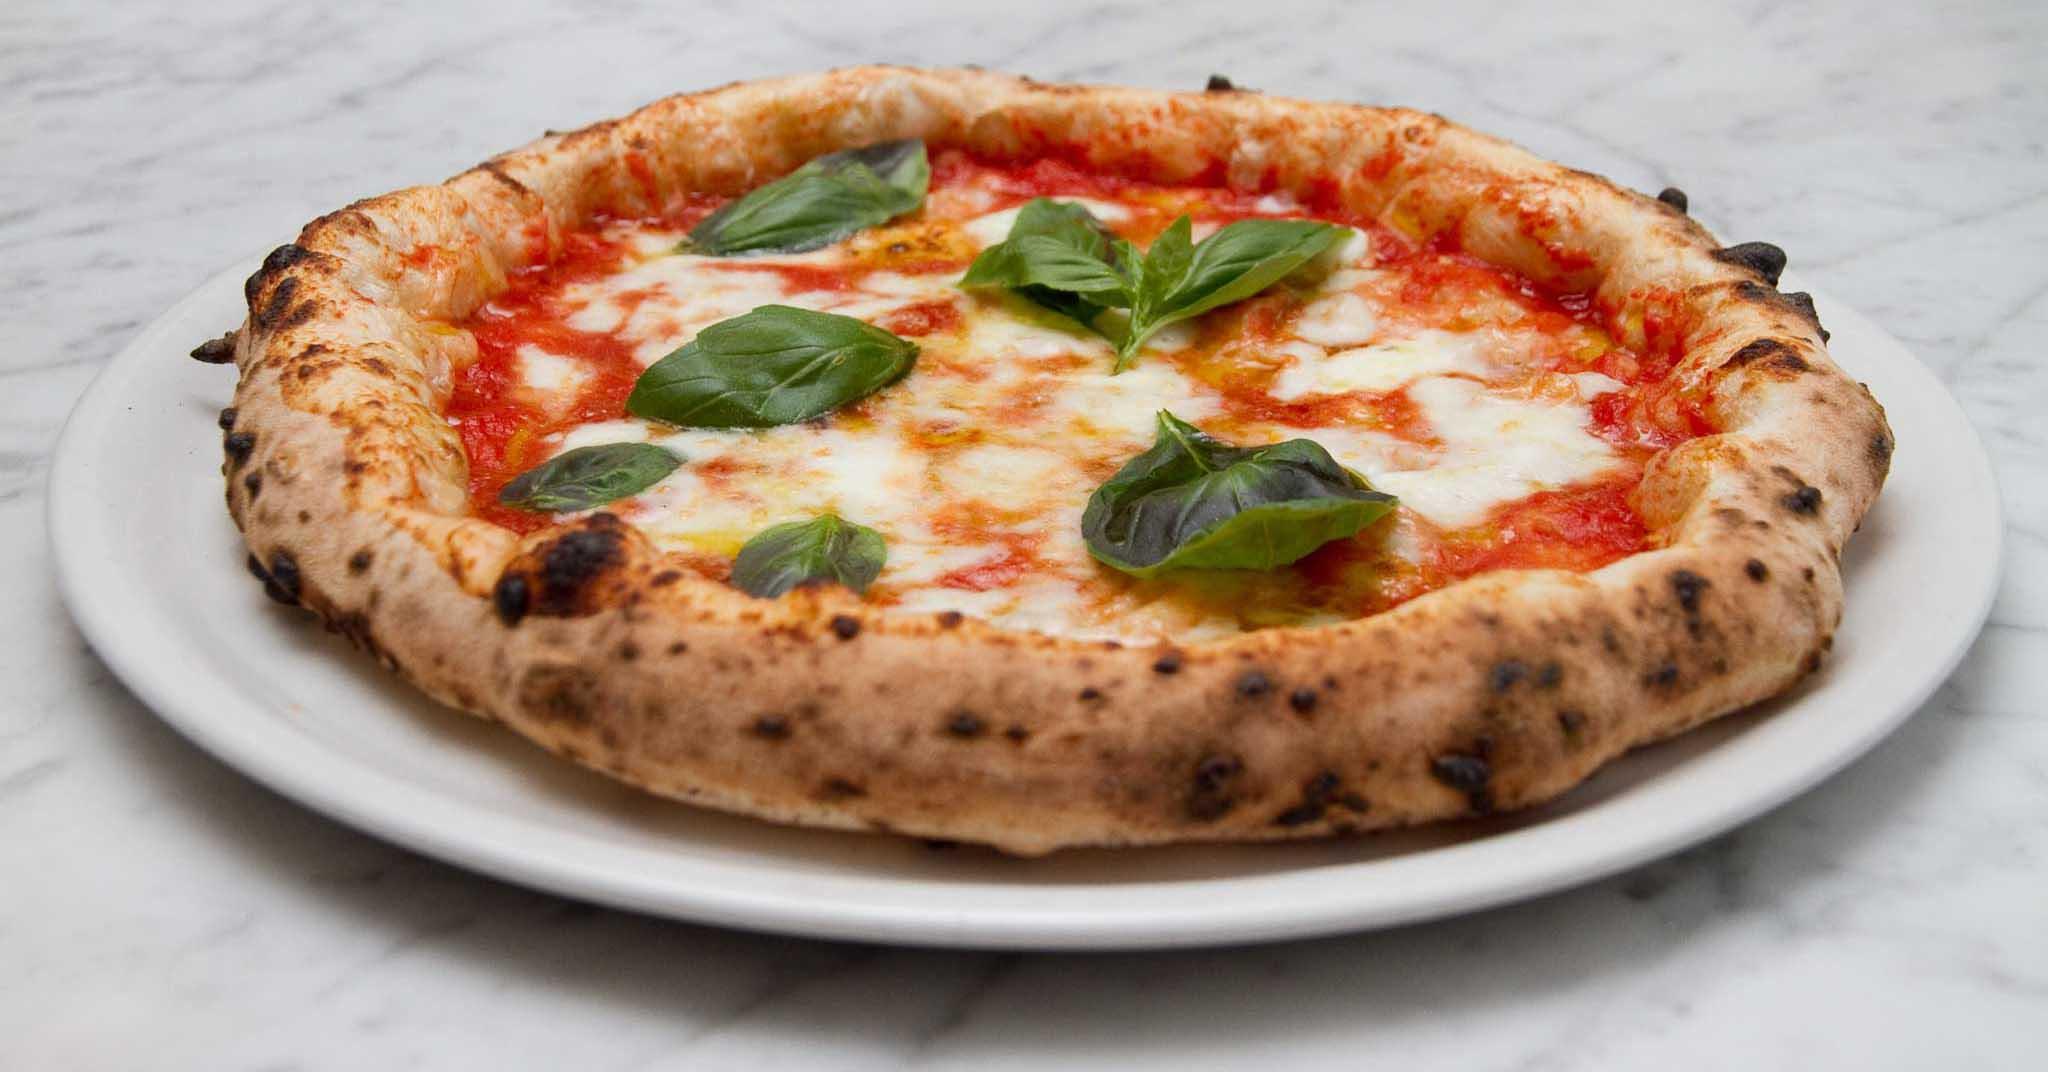 dell\u0027usurpatore Vittorio Emanuele II Savoia,Carignano, fece sí una  splendida operazione commerciale (la pizza margherita sarebbe diventata  famosissima